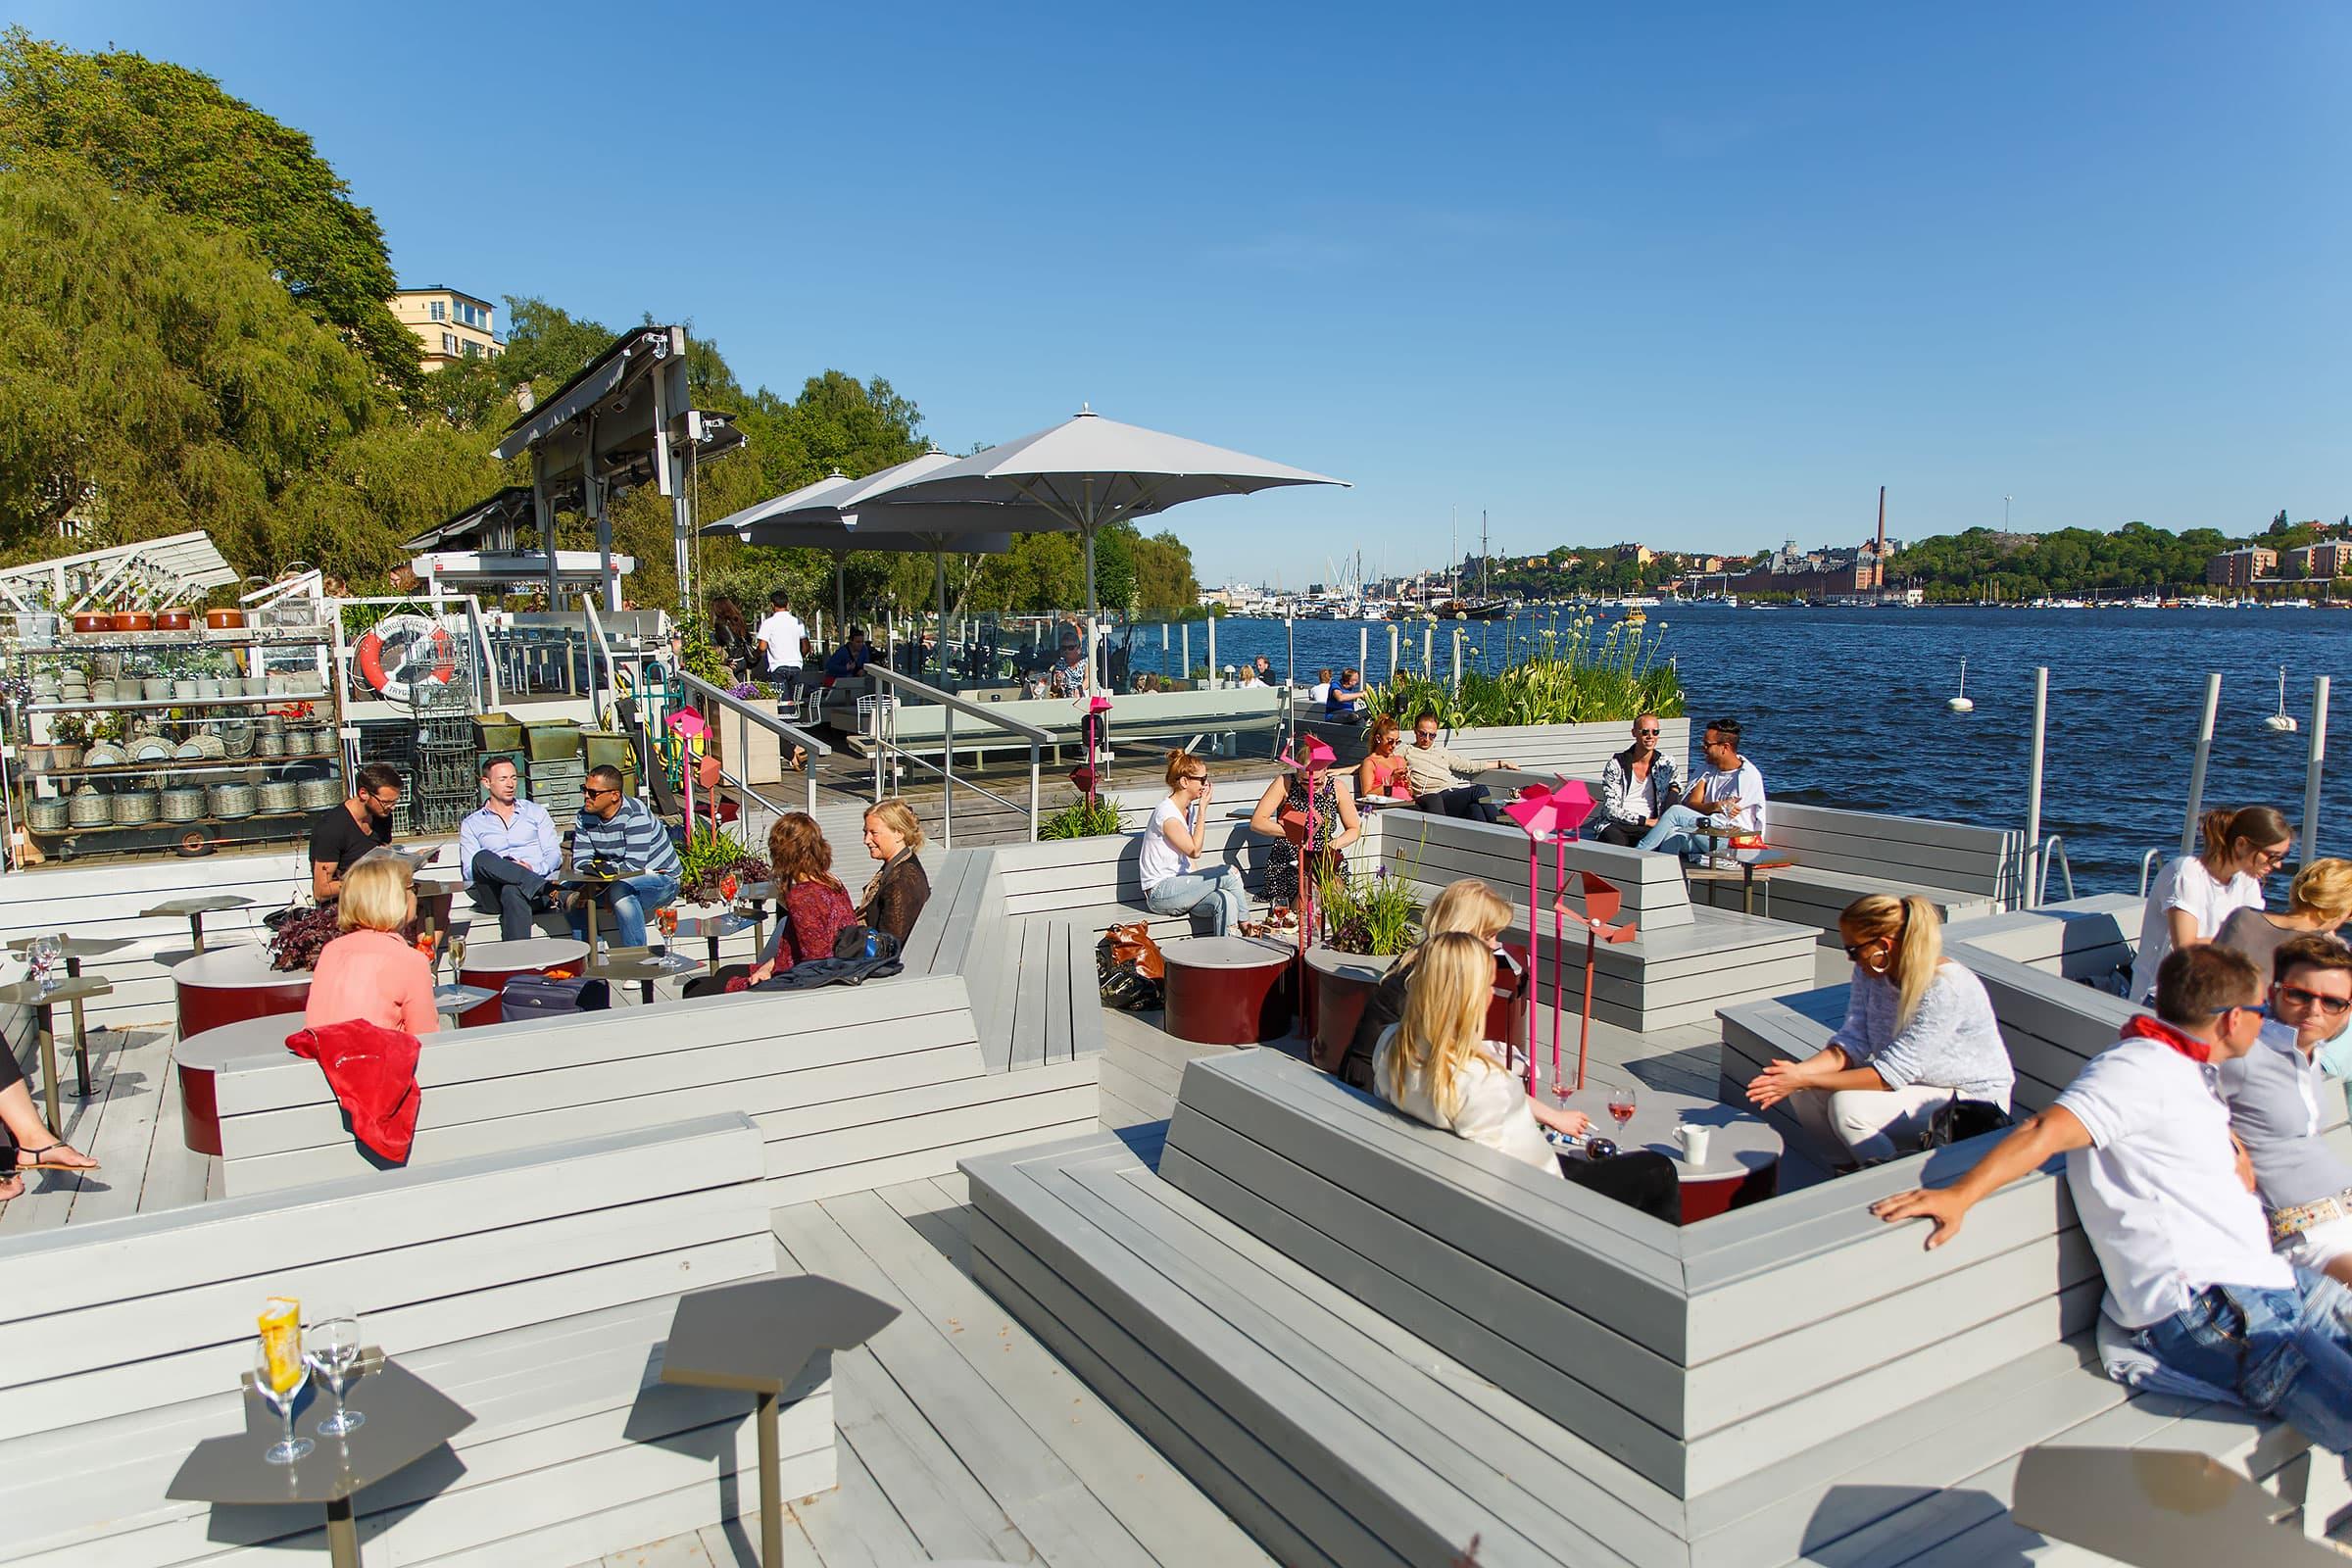 billig after work stockholm